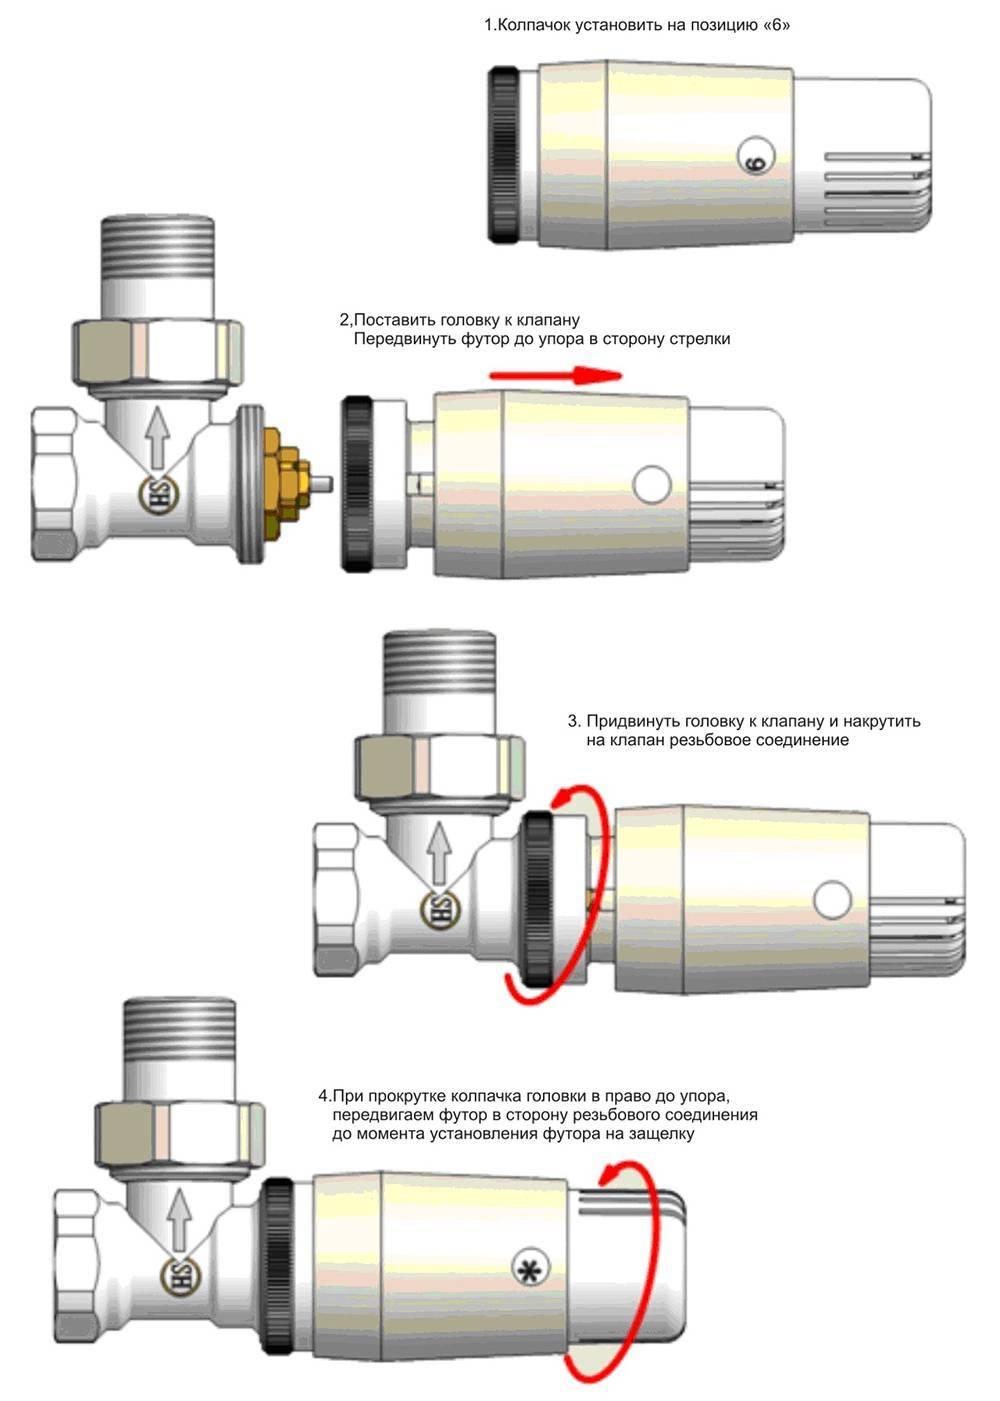 Термостатический клапан для радиатора отопления - выбор, монтаж и настройка